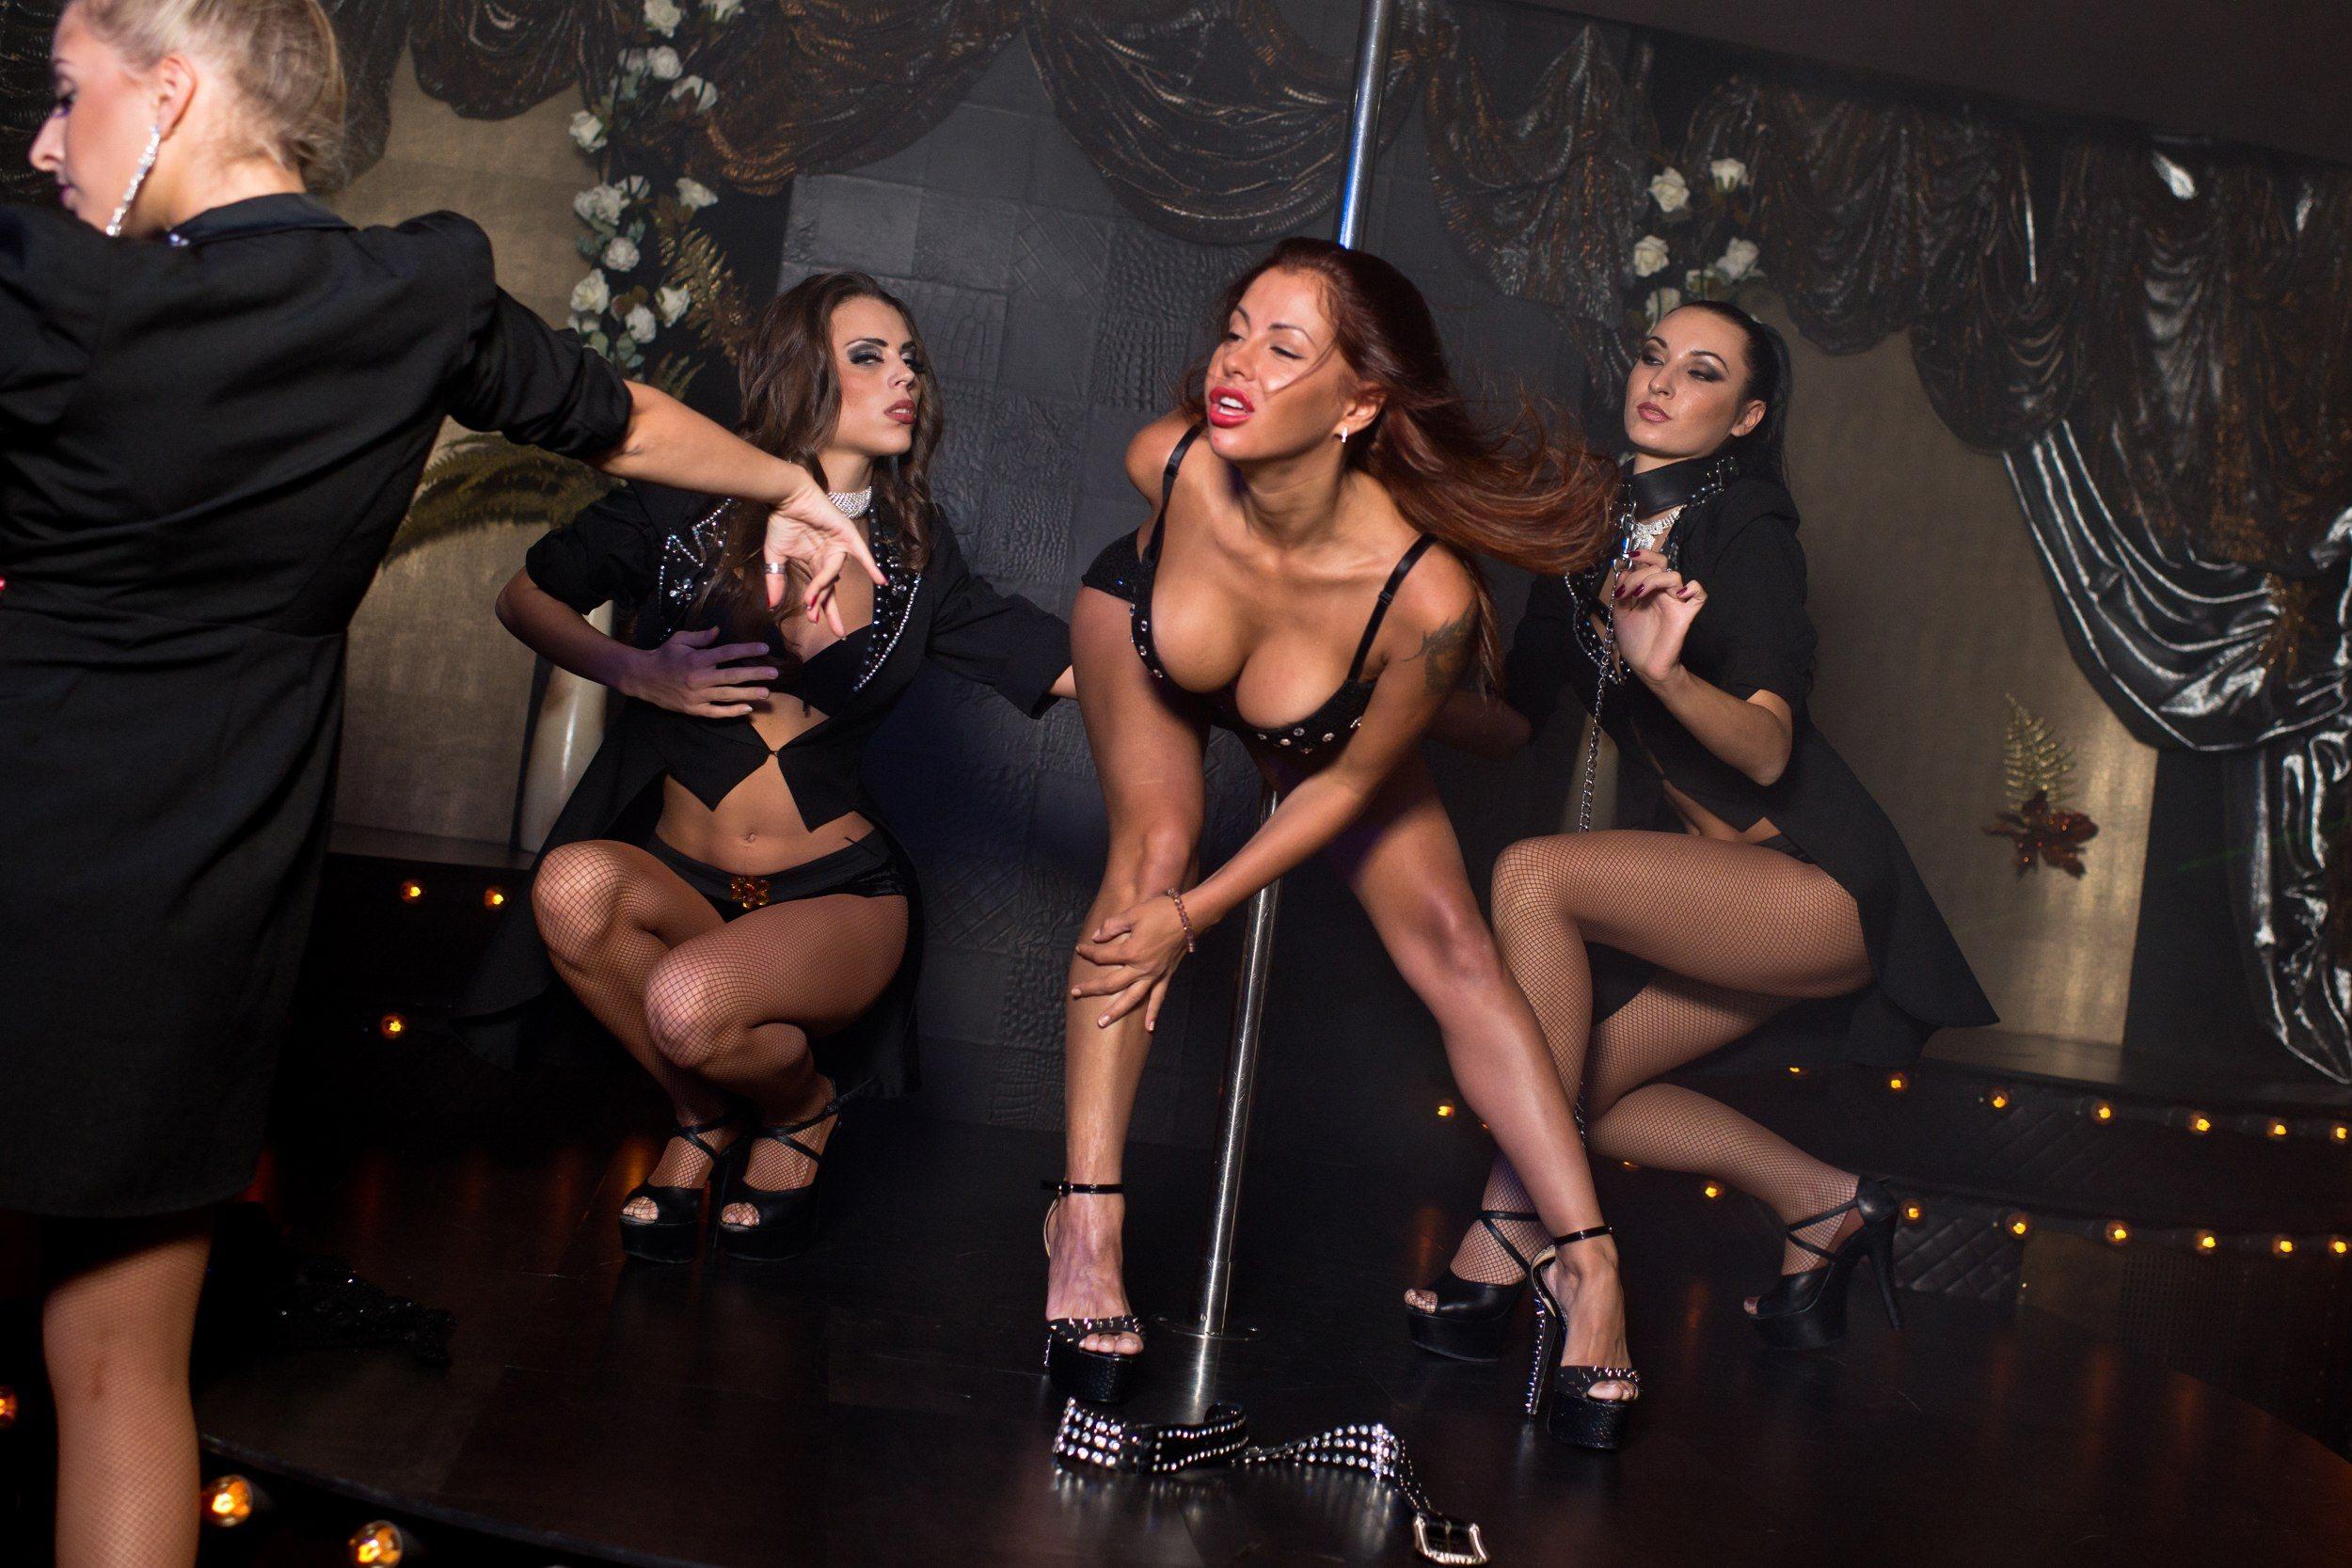 Эротическое шоу в русском клубе 14 фотография